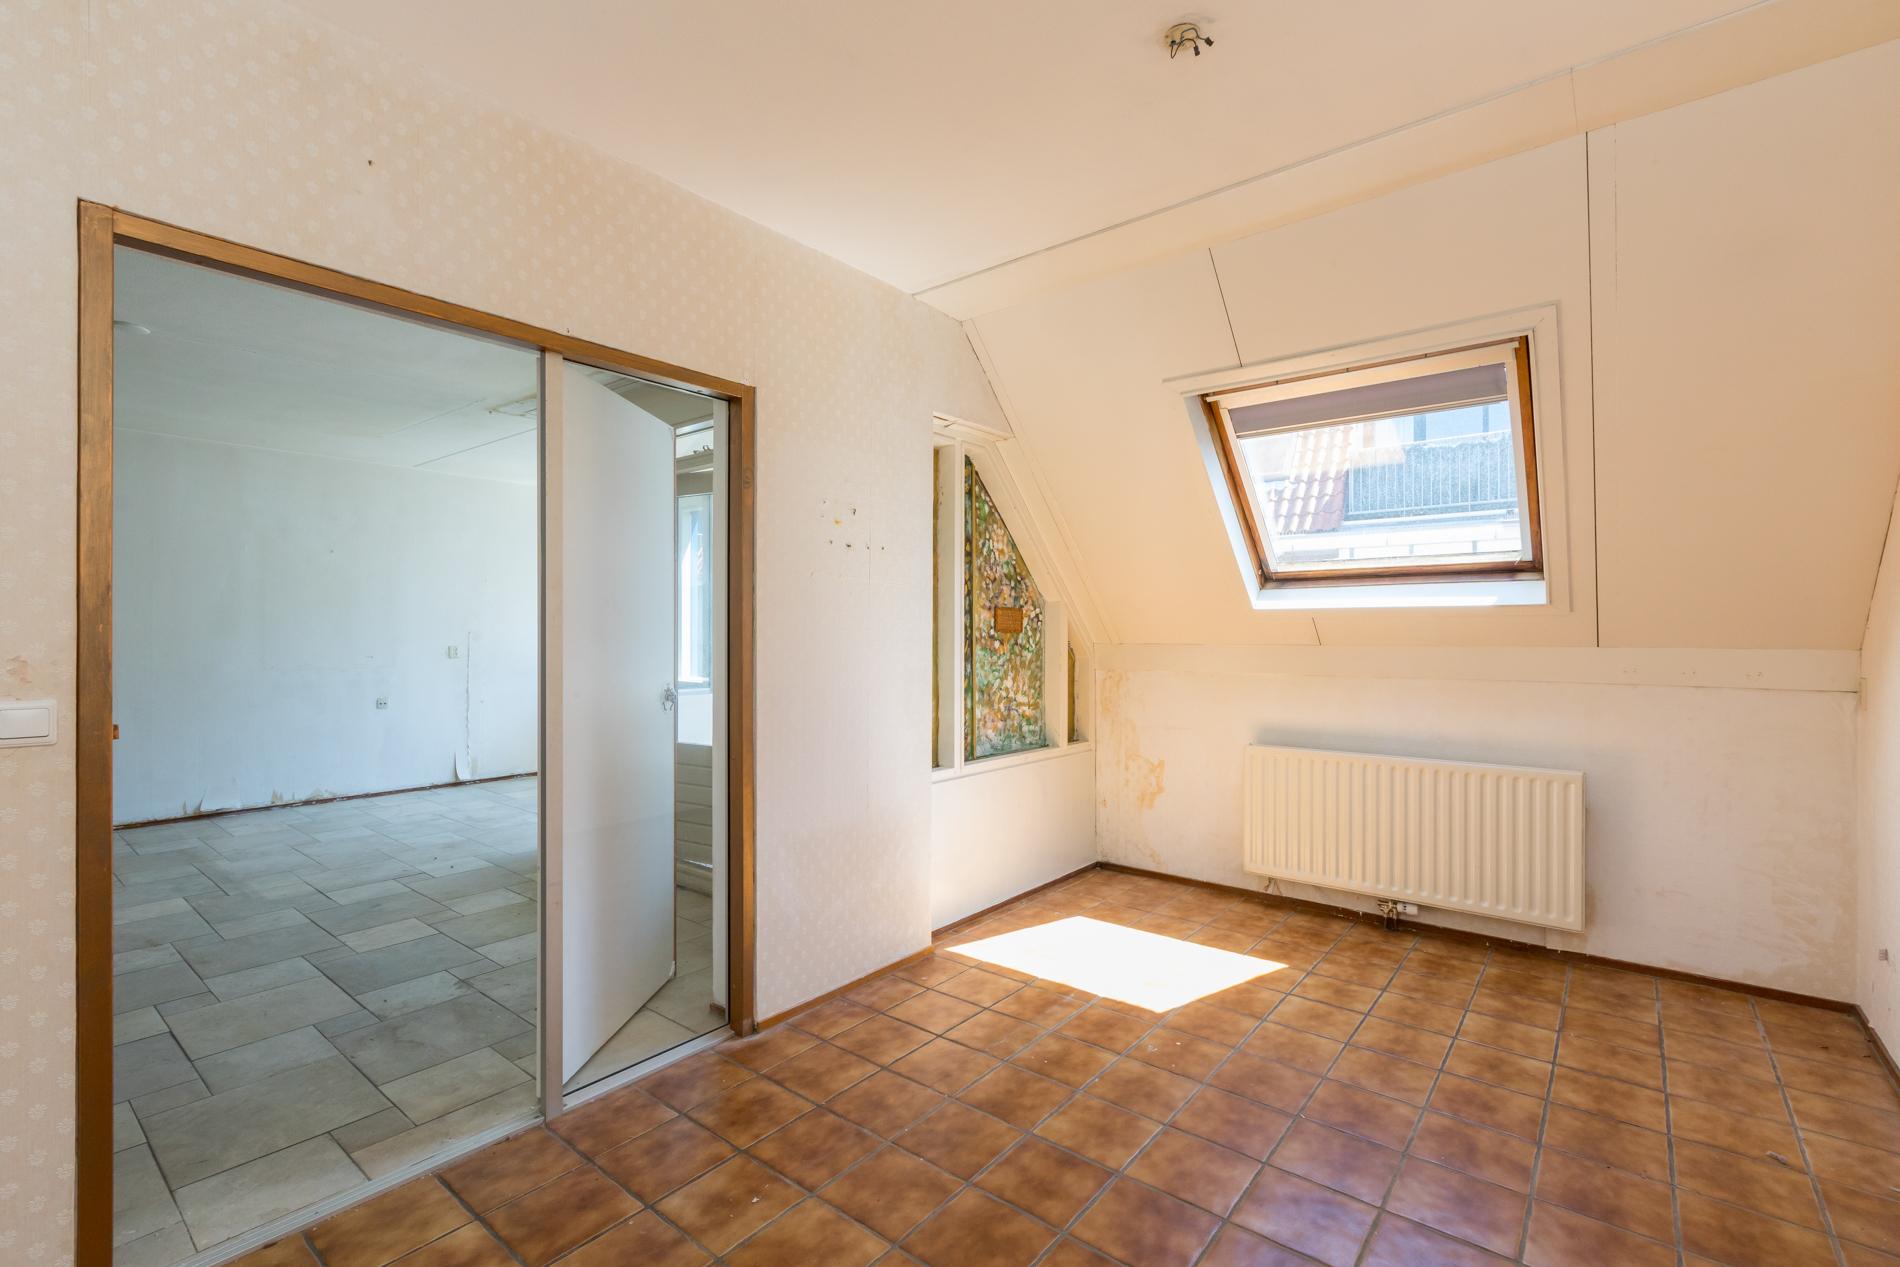 slaapkamer Beenhouwerssingel 27 Middelburg ism makelaars